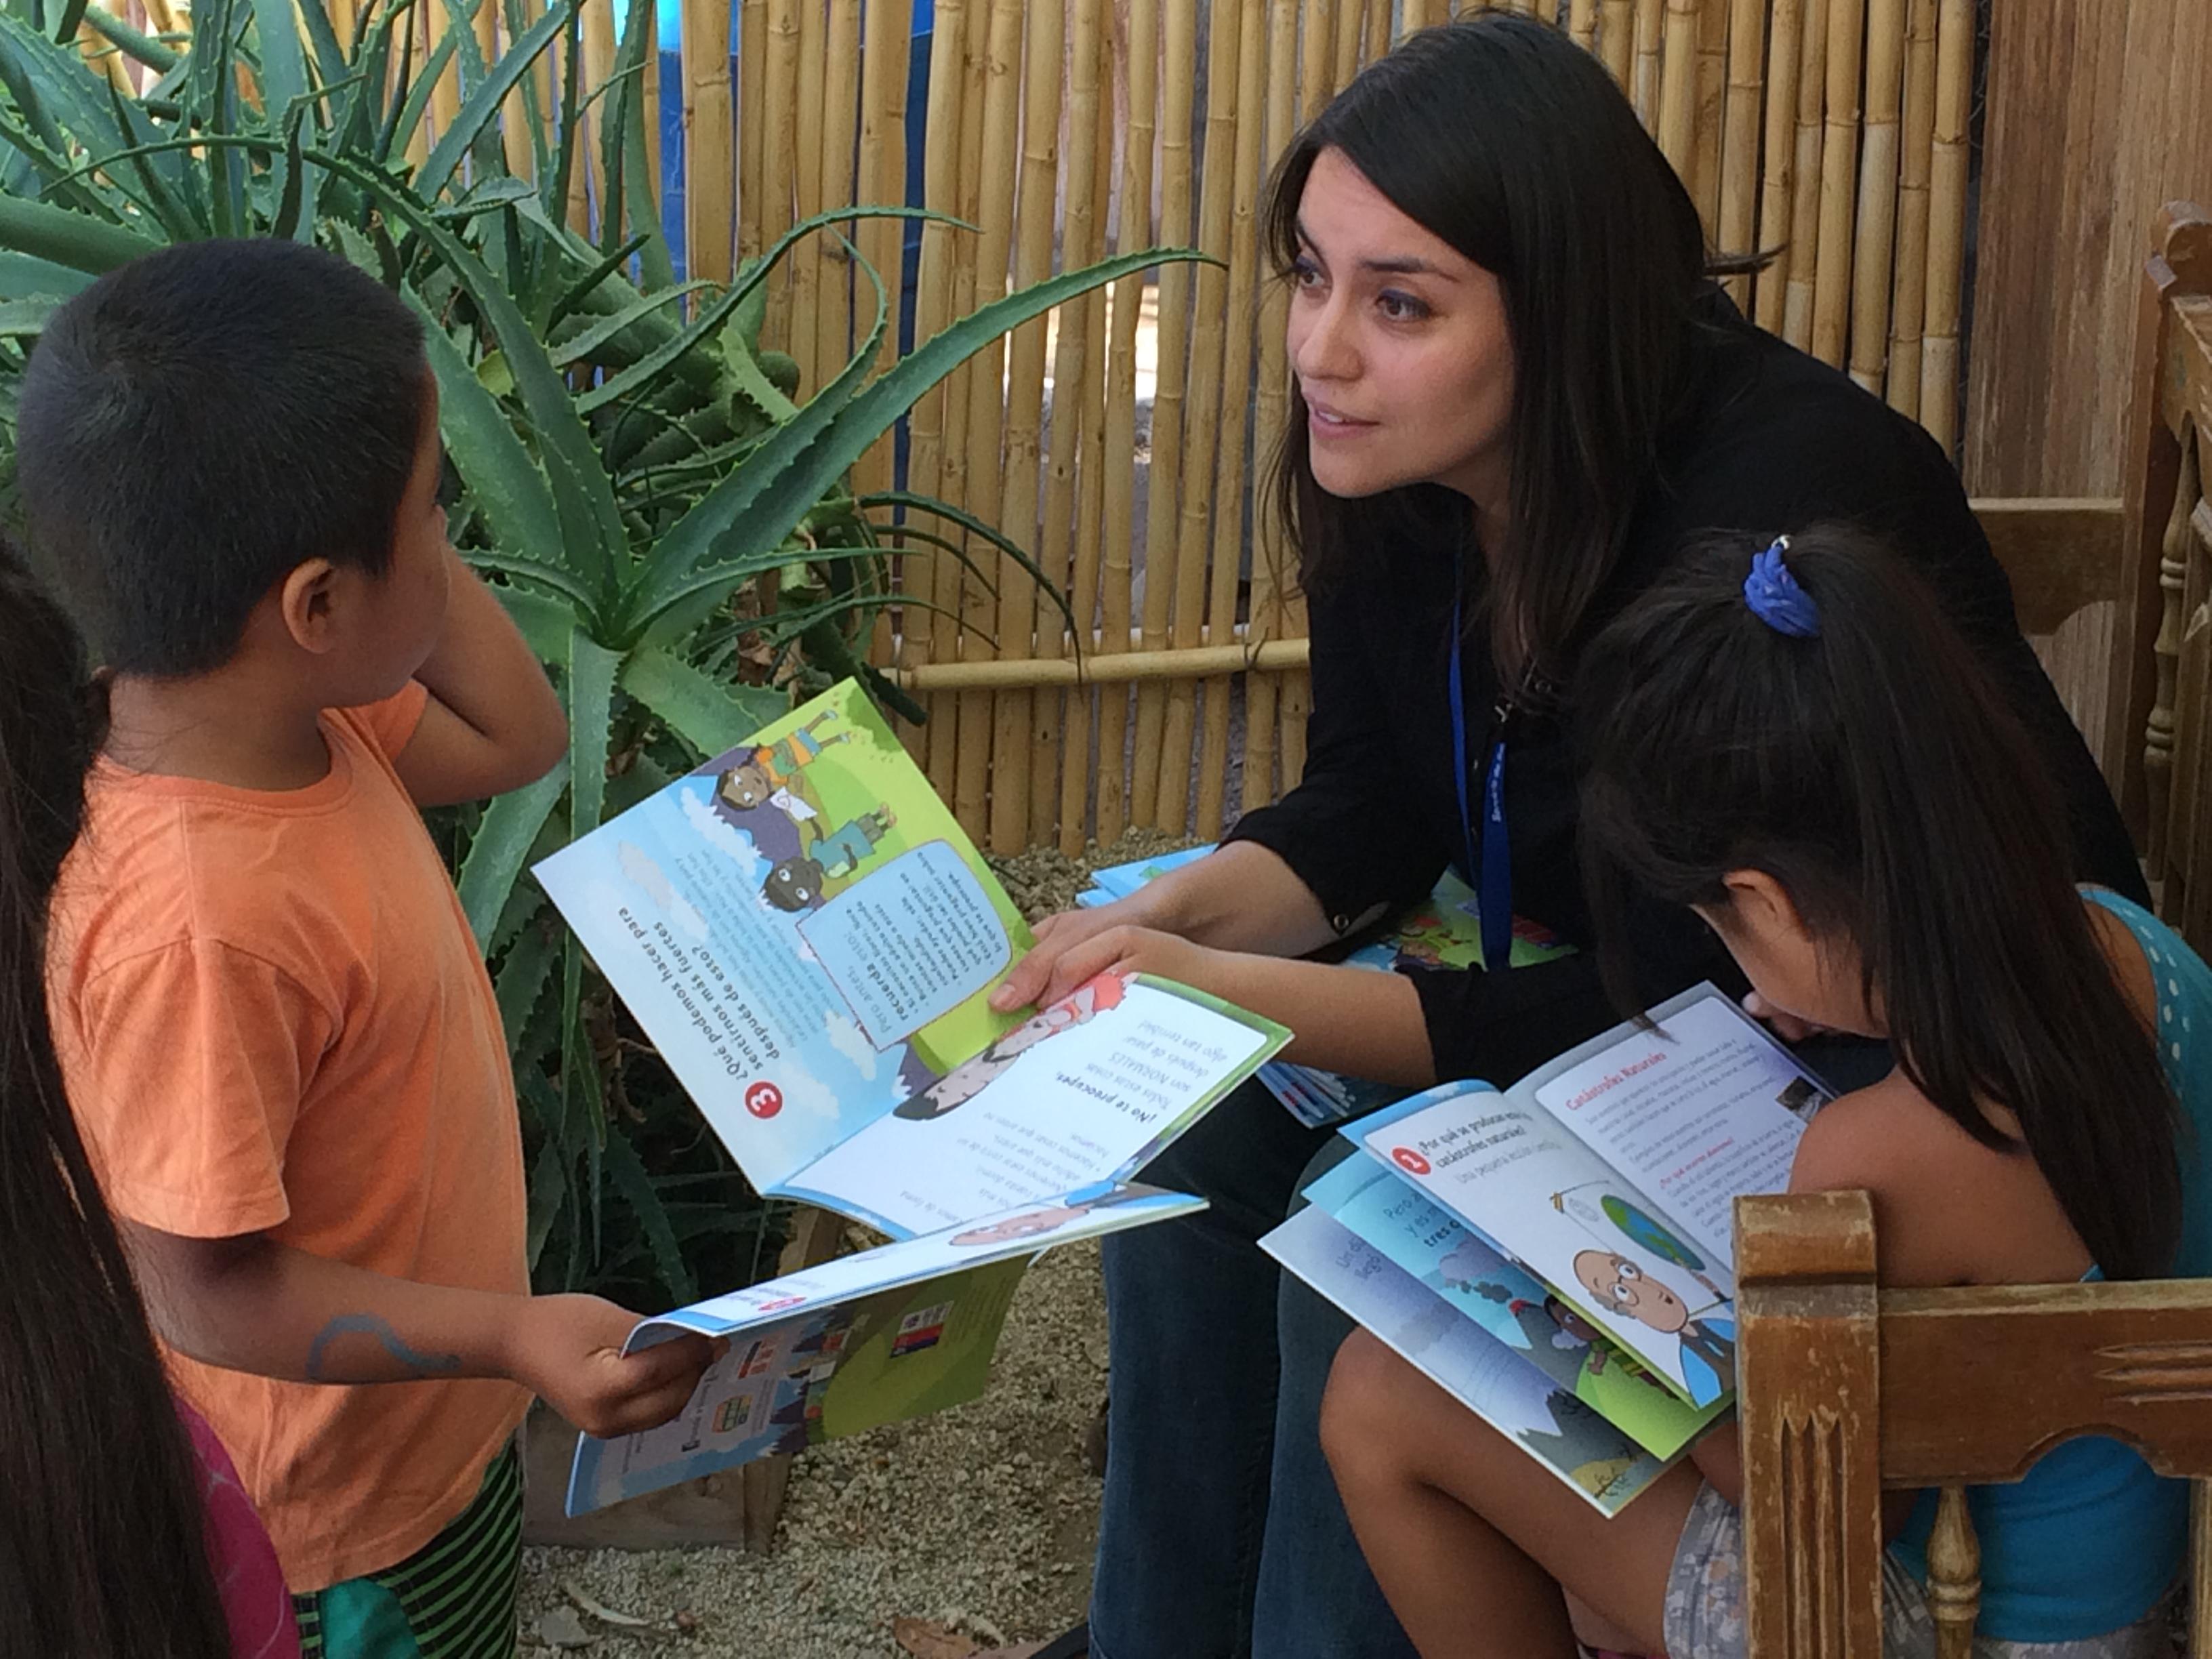 Profesionales de Salud Mental del HPH contaron cuentos a niños afectados por aluvión en Chollay